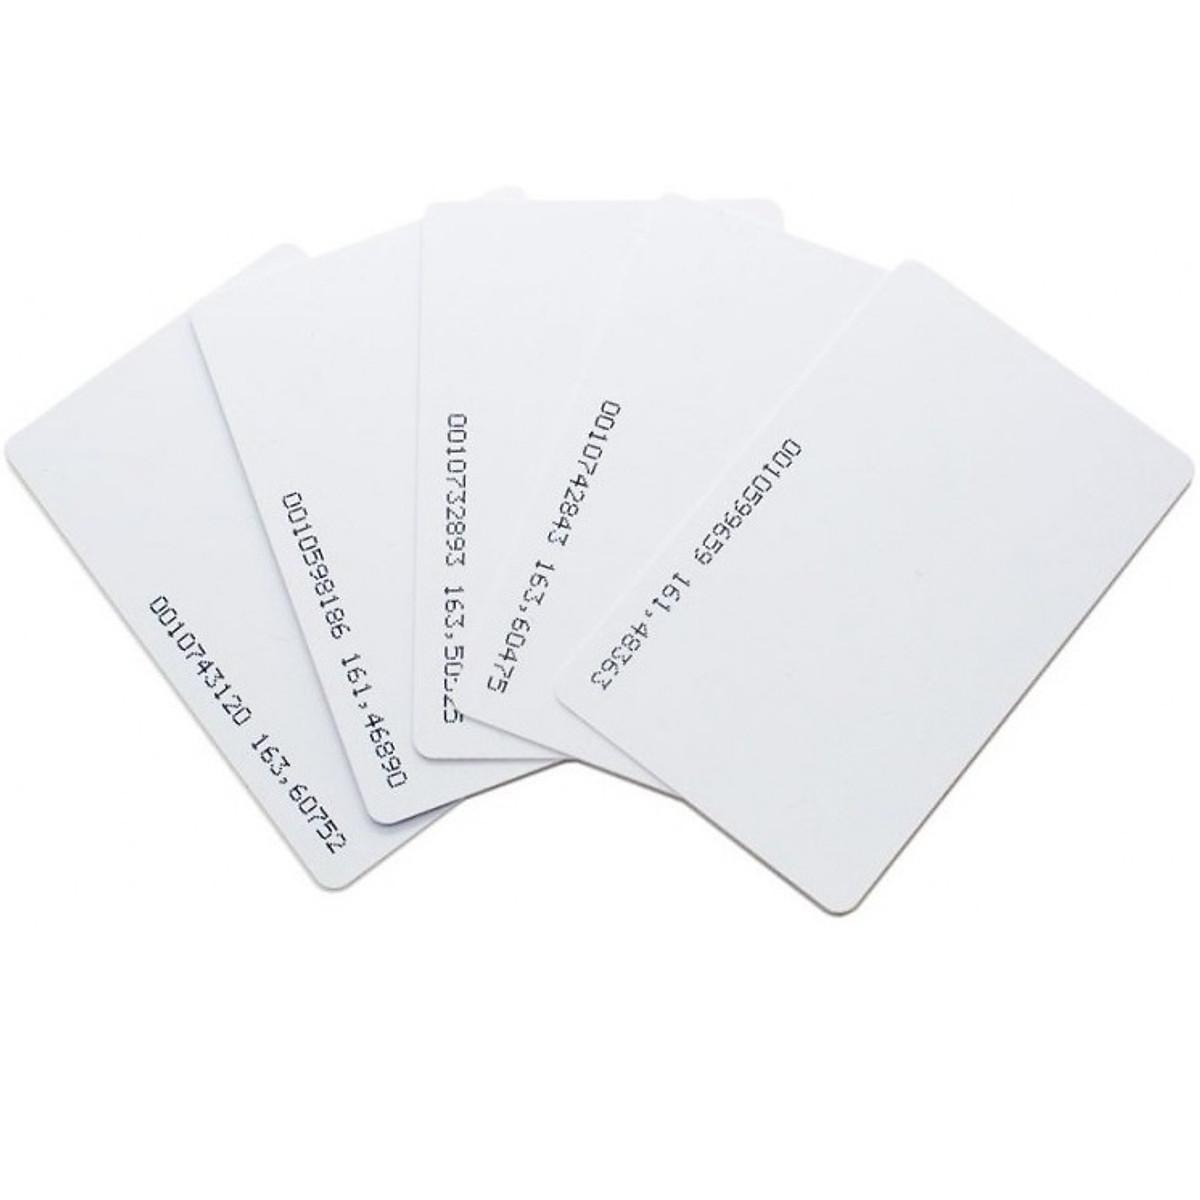 [ Set 5 thẻ] Thẻ từ máy chấm công tần số 125 Khz – thẻ mỏng 0.8mm